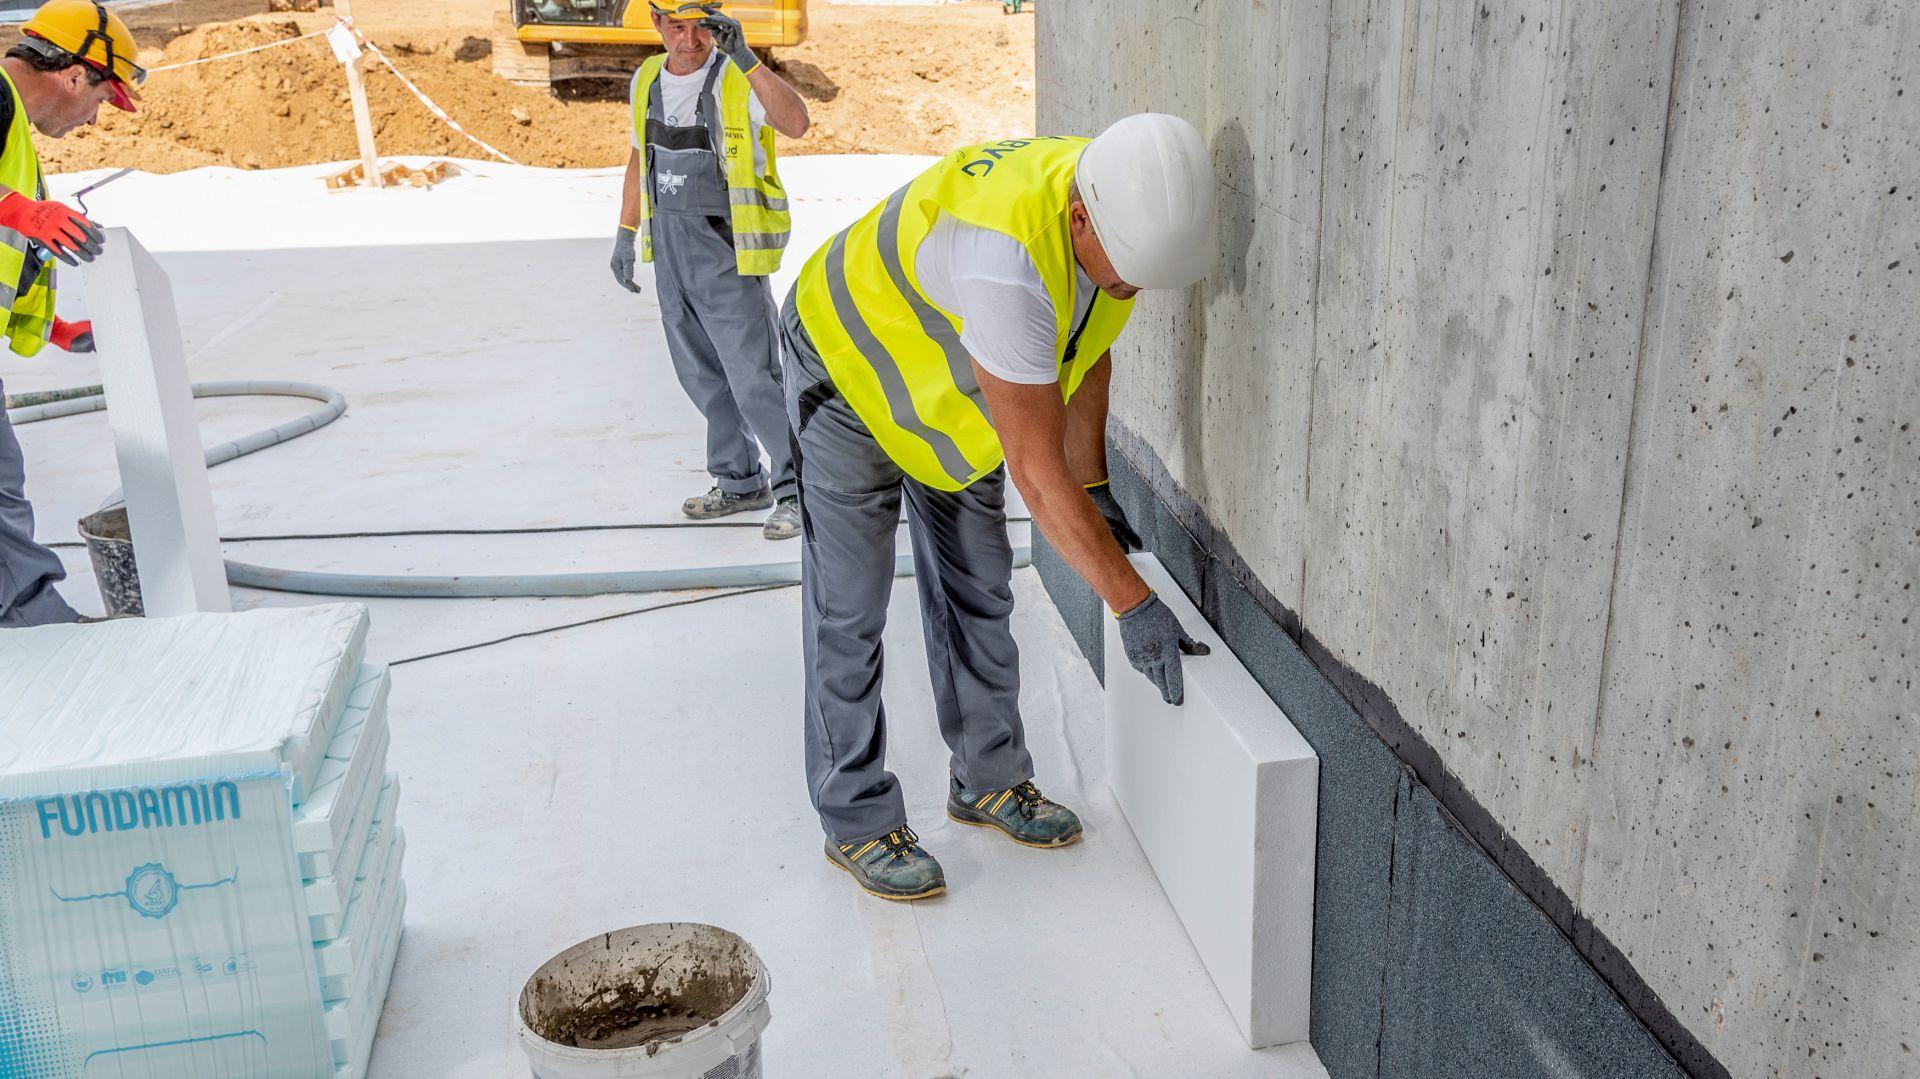 Najlepsze efekty w przypadku termomodernizacji domu przynosi kompleksowe podejście, a to oznacza, że w zakres prac wchodzą ocieplenie oraz poprawa instalacji grzewczej i wentylacyjnej.  Fot. Styropmin